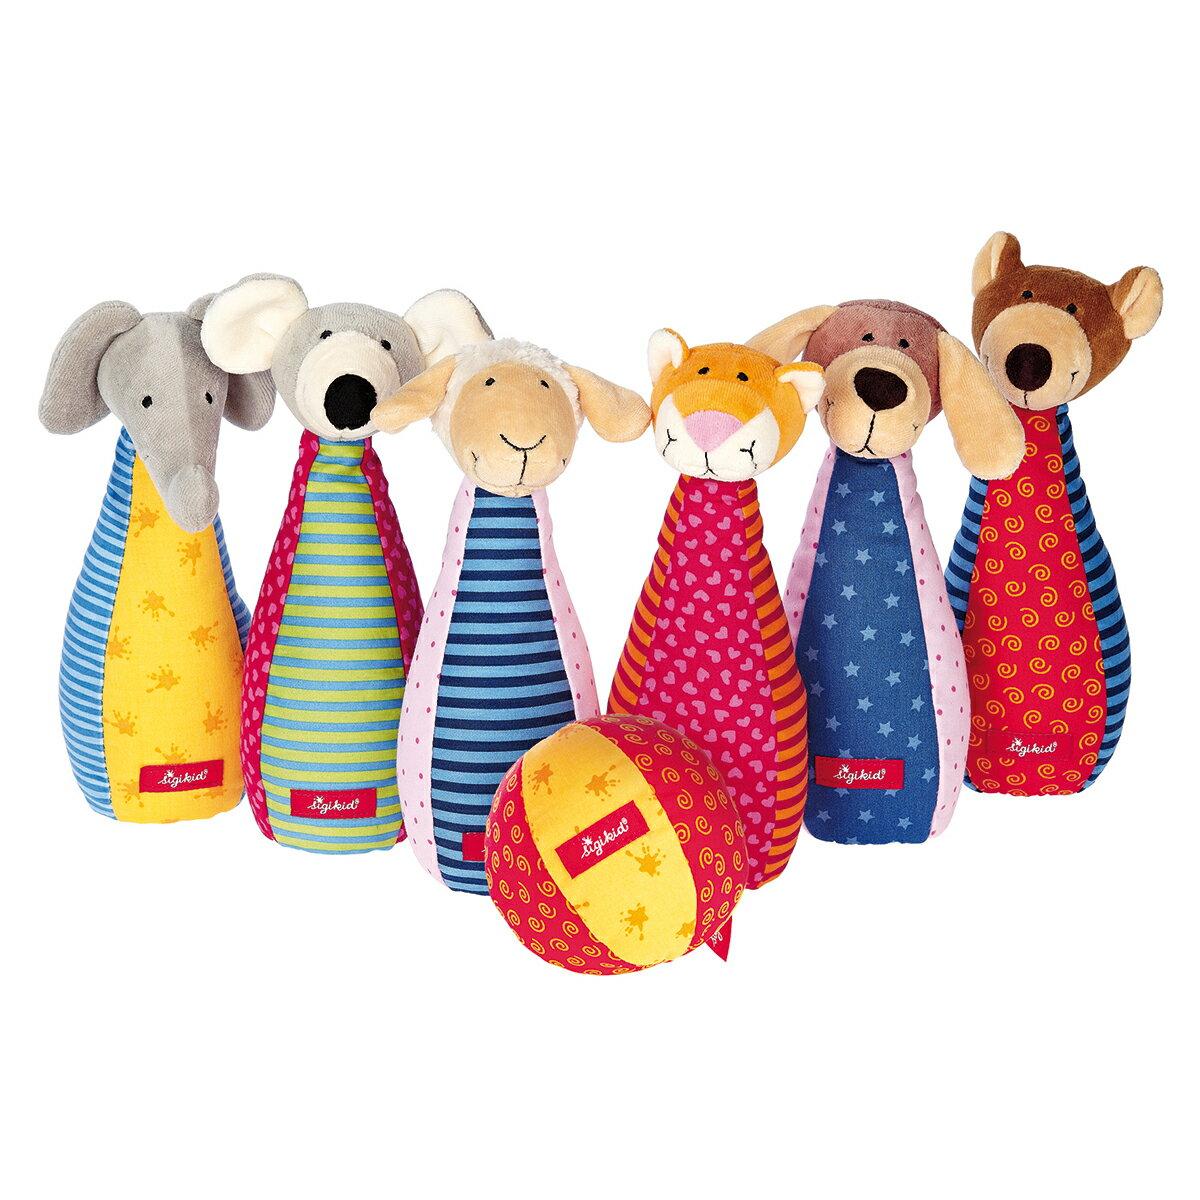 【ベビー向けおもちゃ】ボーネルンド柔らか素材で、楽しいよ!アニマルボーリング